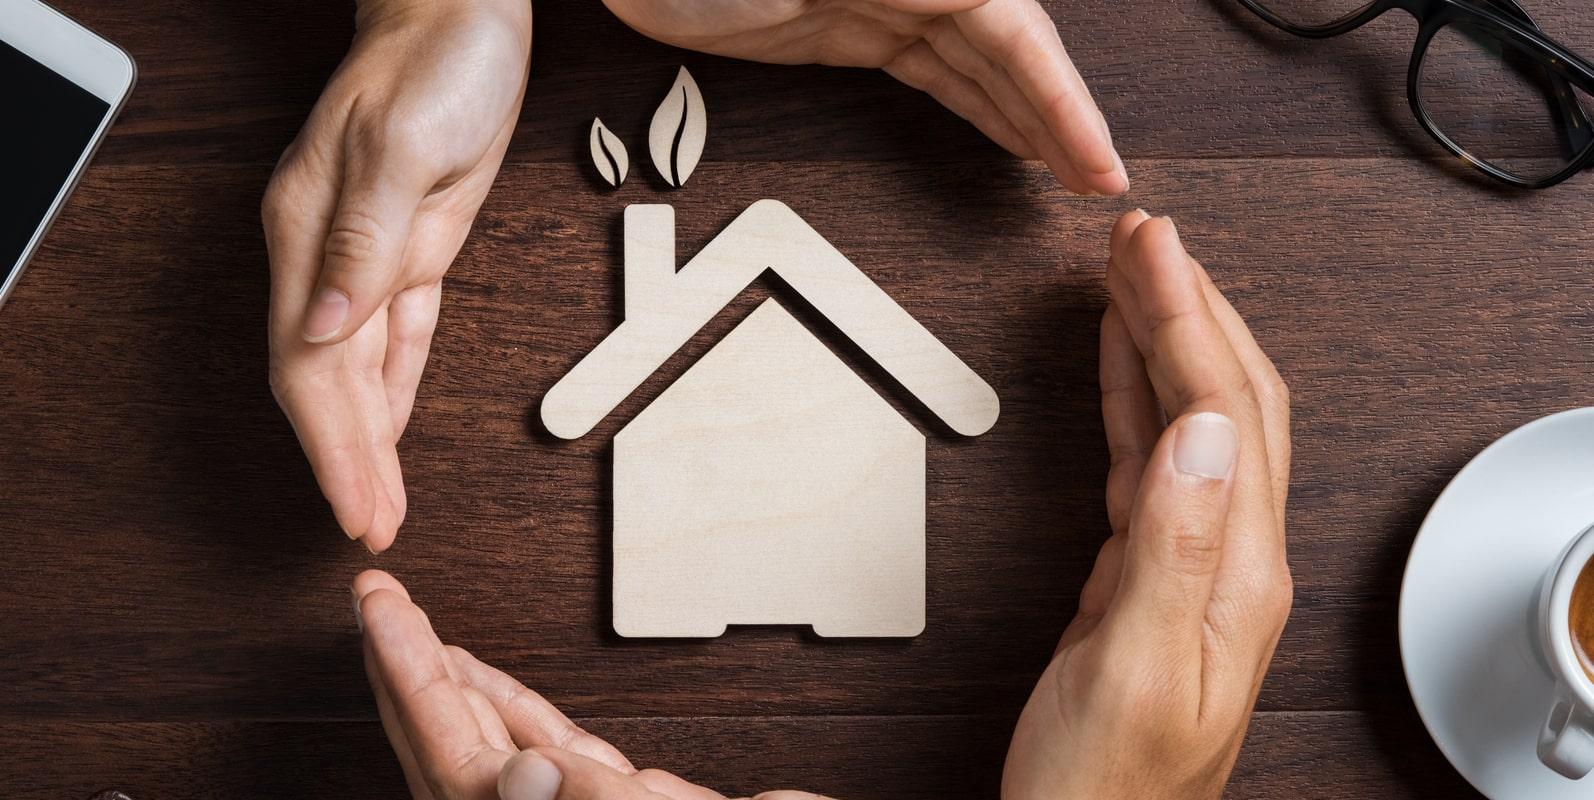 Construire maison écologique